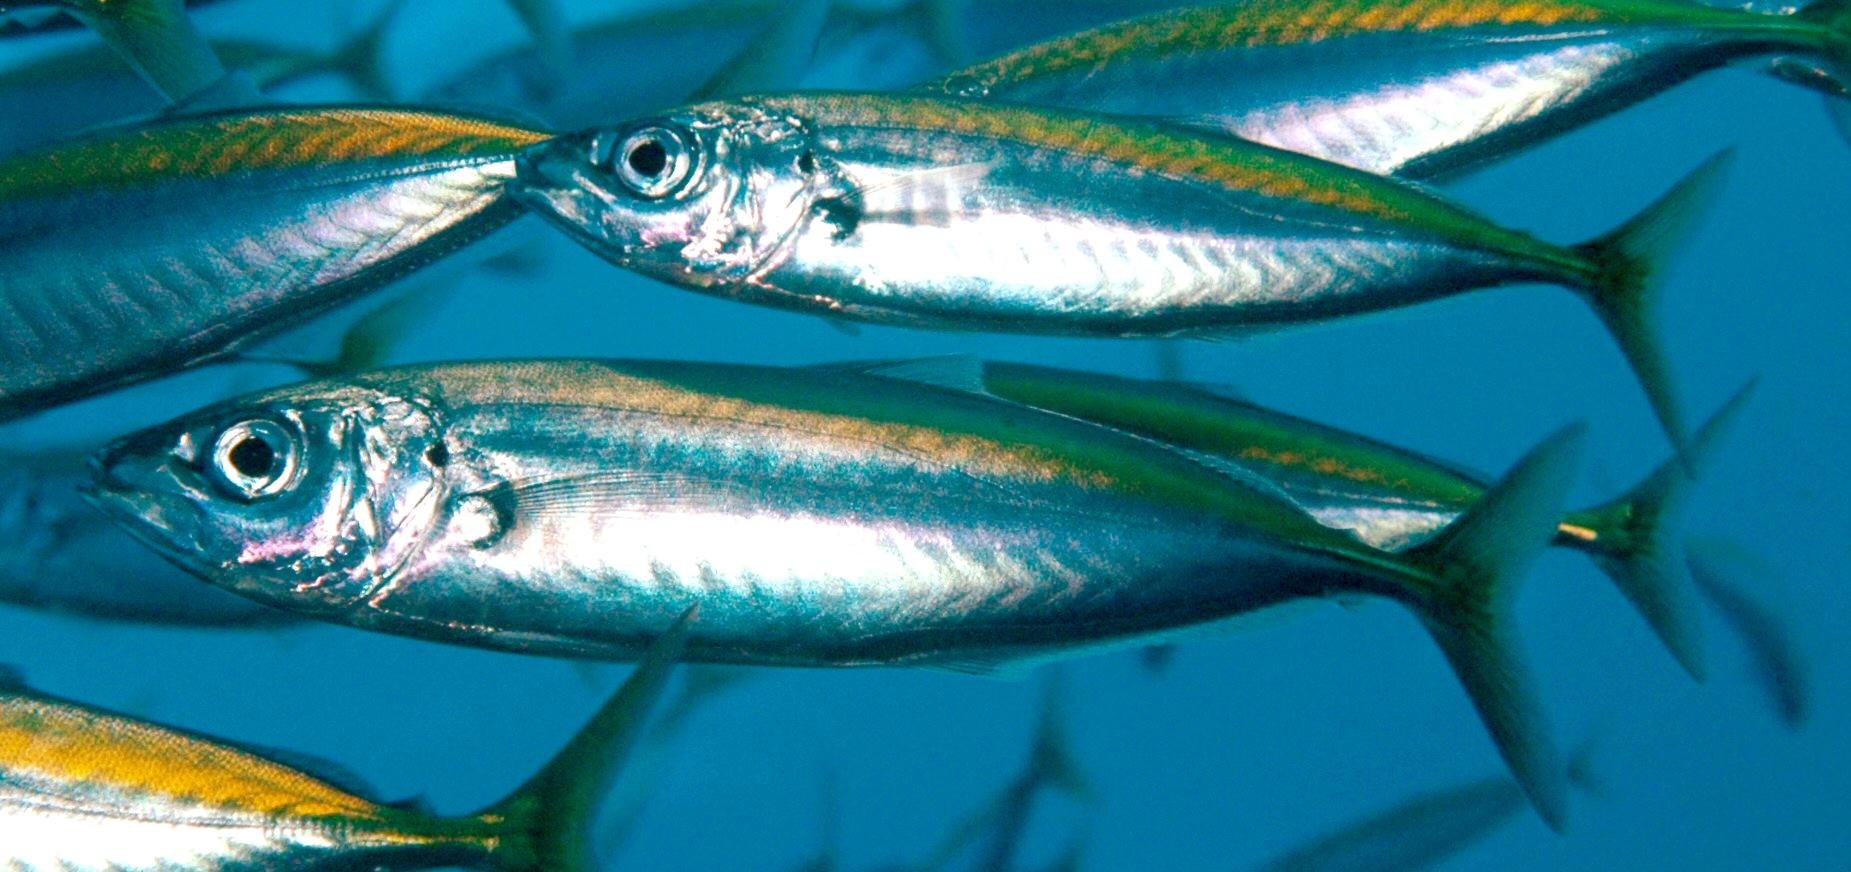 Download 530 Gambar Ikan Air Laut Konsumsi HD Terbaik